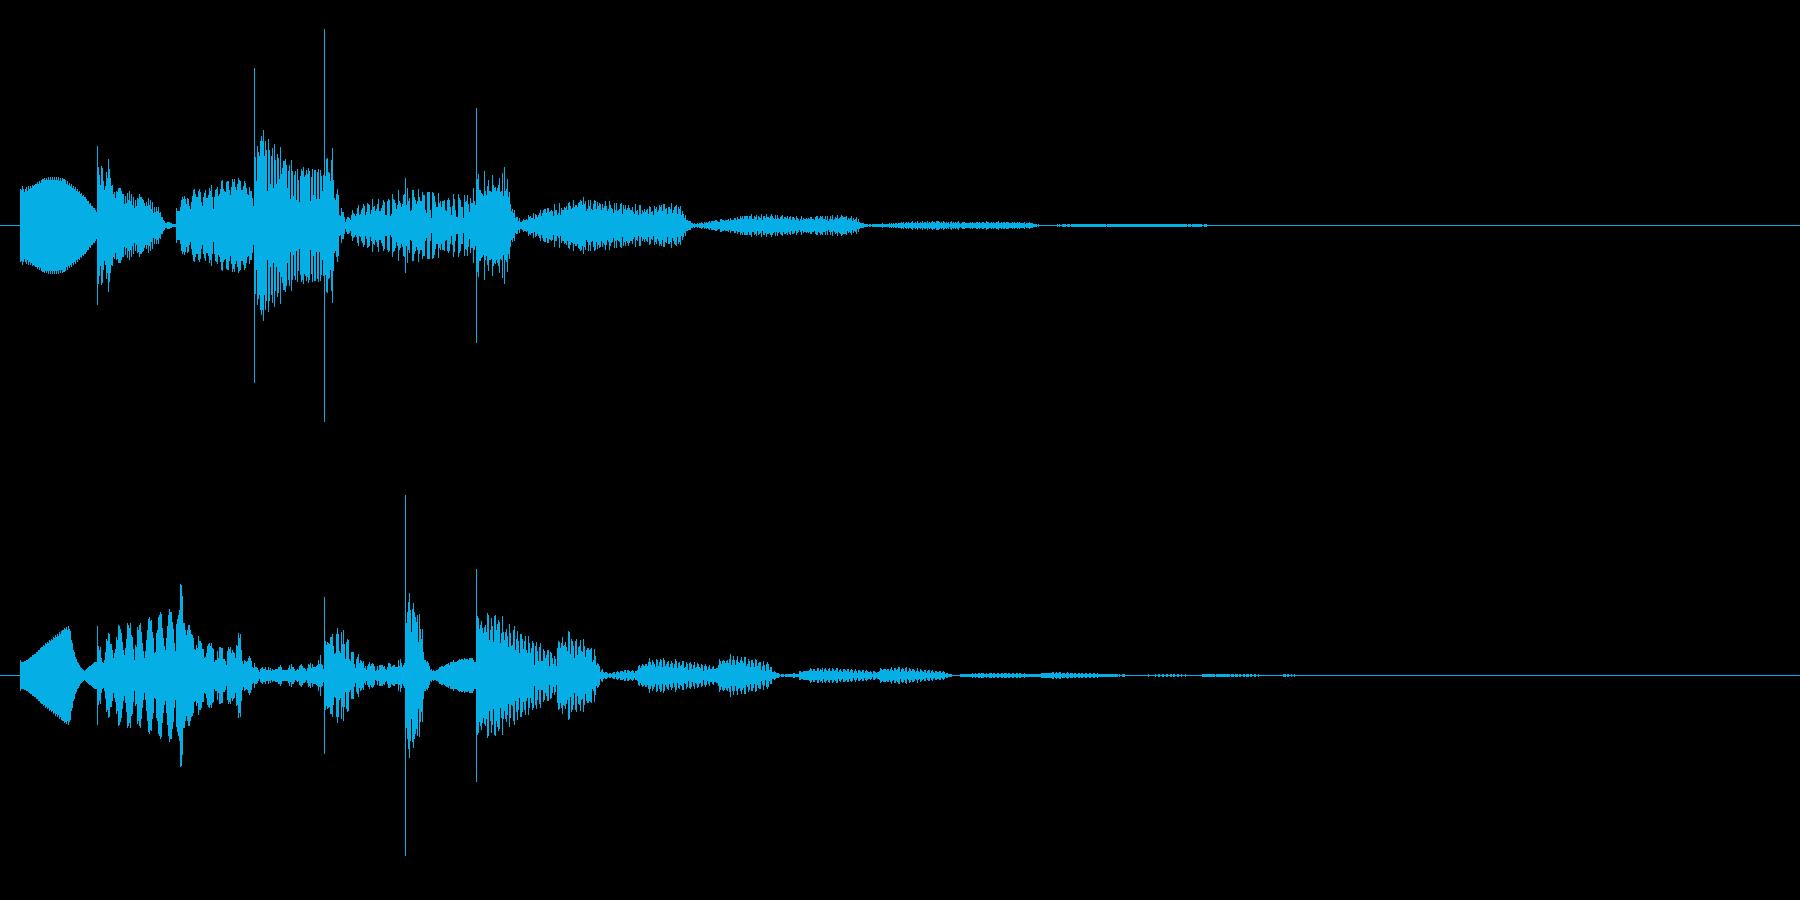 ワンポイント、テロップ等(琴風)の再生済みの波形